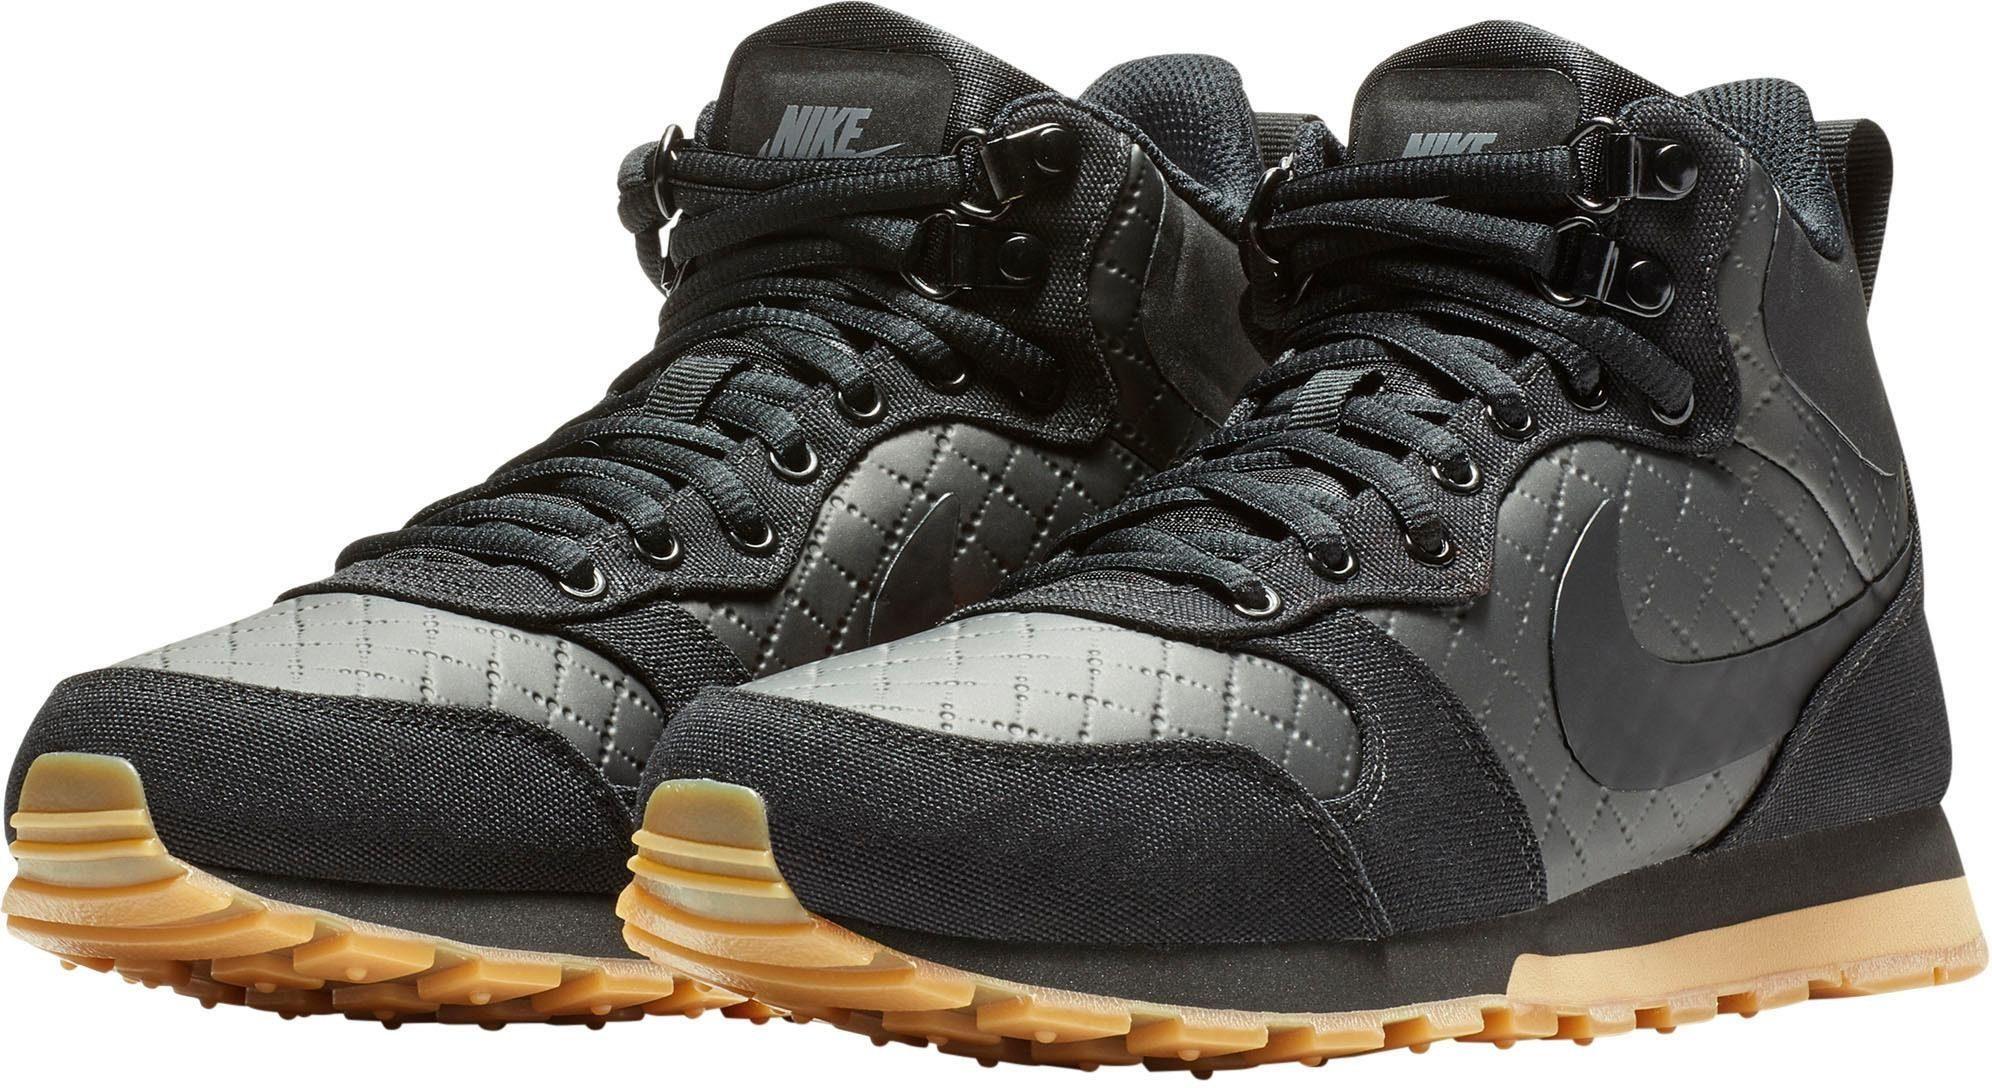 Nike Sportswear »Wmns MD Runner 2 Mid Premium« Sneaker online kaufen | OTTO